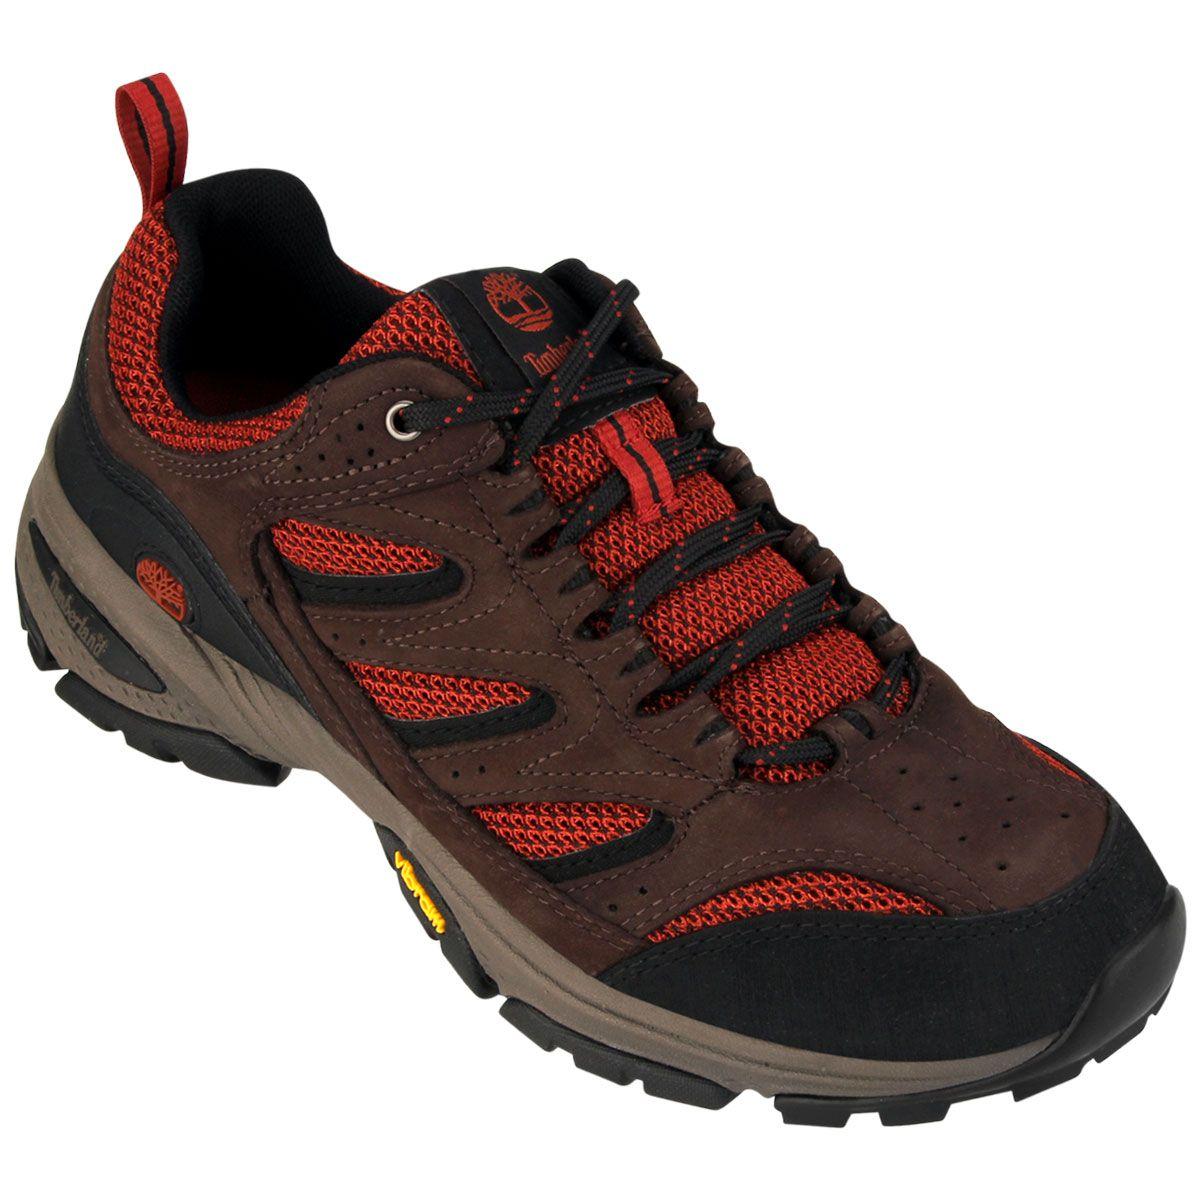 07c58ca325 Para praticar hiking nada melhor que o Tênis Timberland Ledge que oferece o  conforto, estabilidade